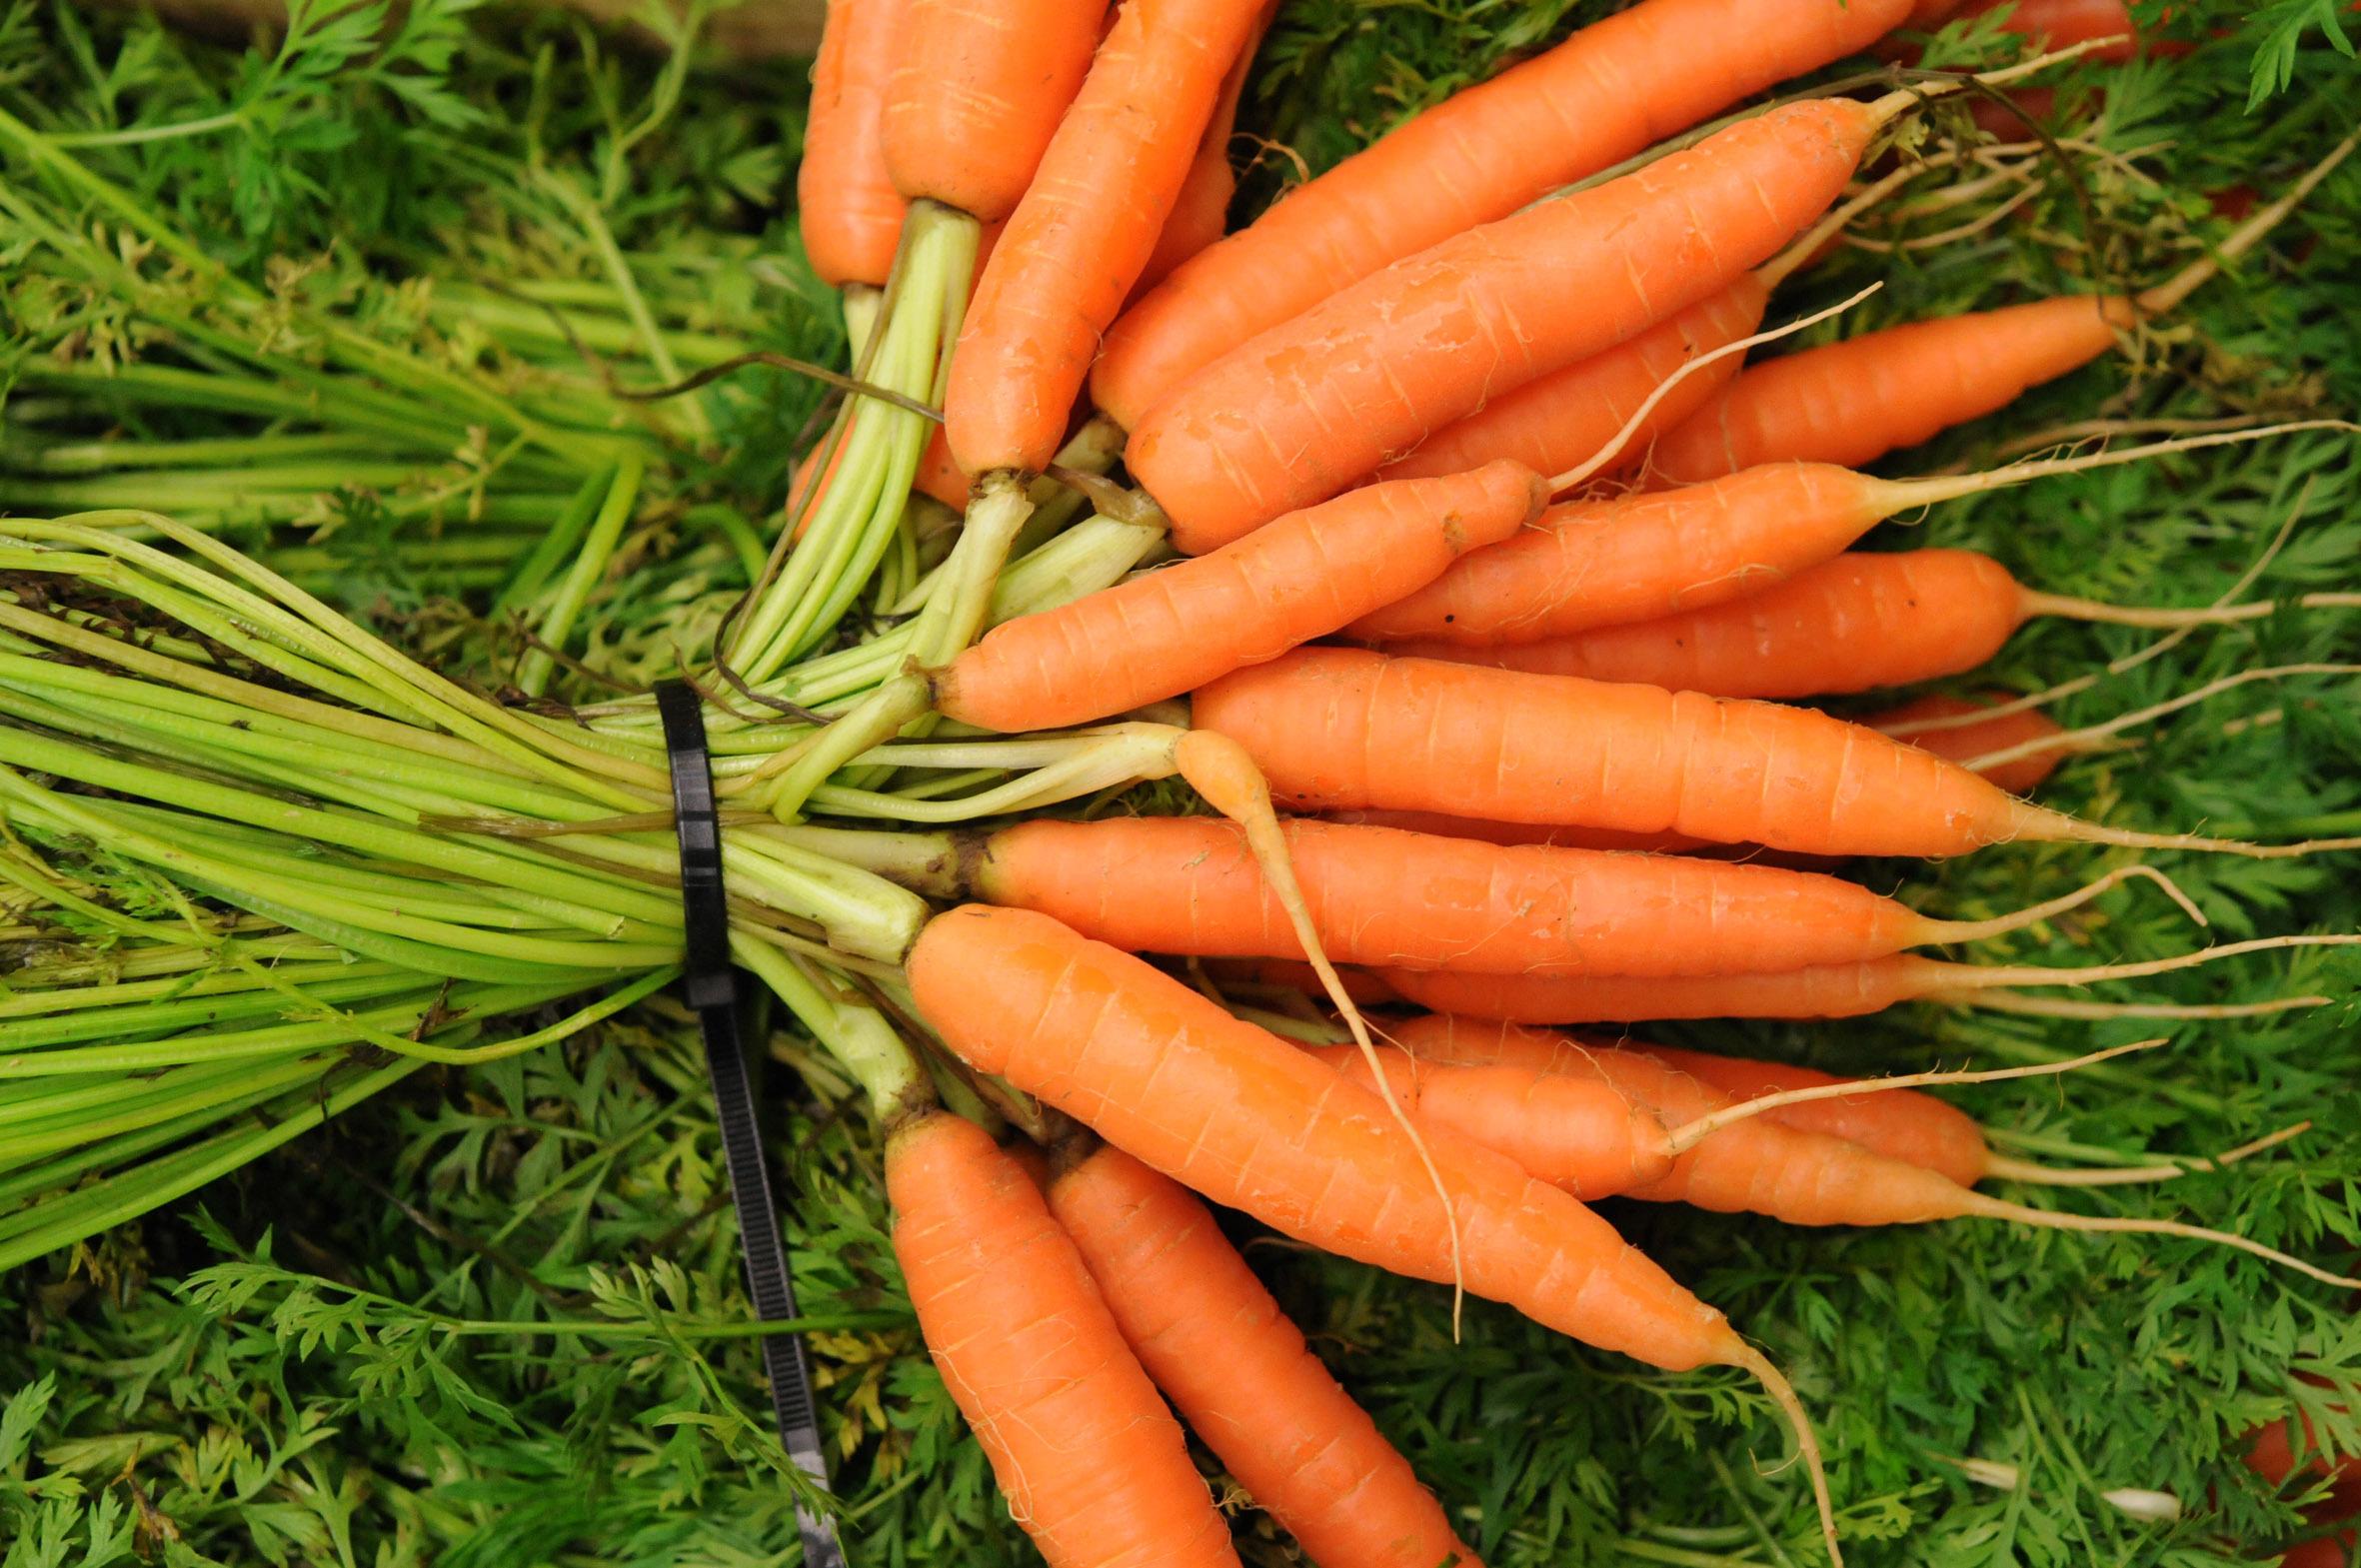 carrots.jpg?mtime=20170922120513#asset:11412